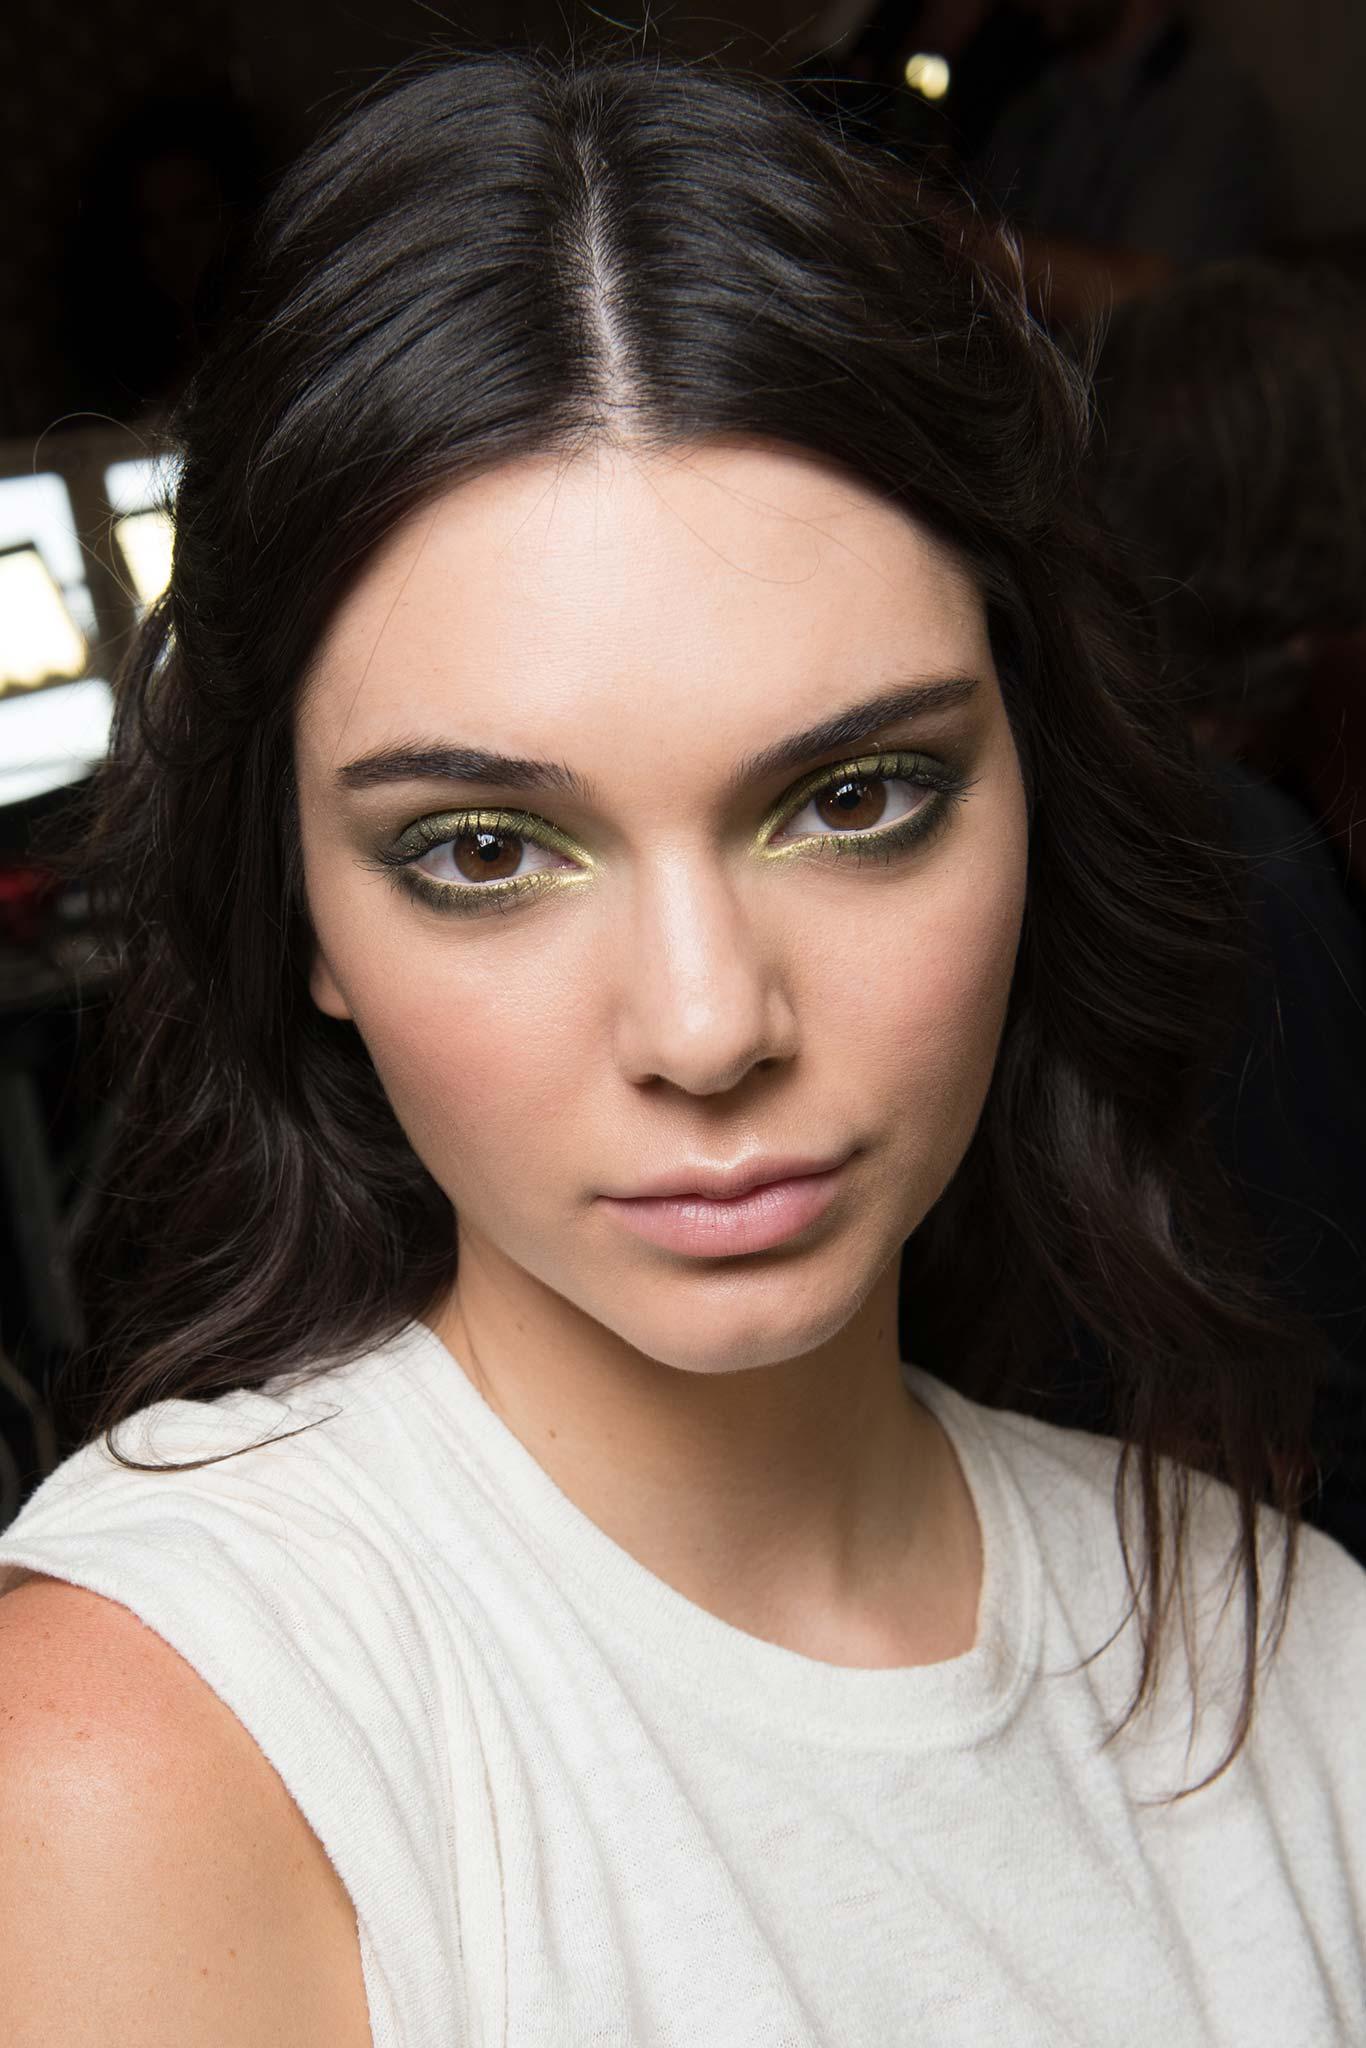 70s makeup trends